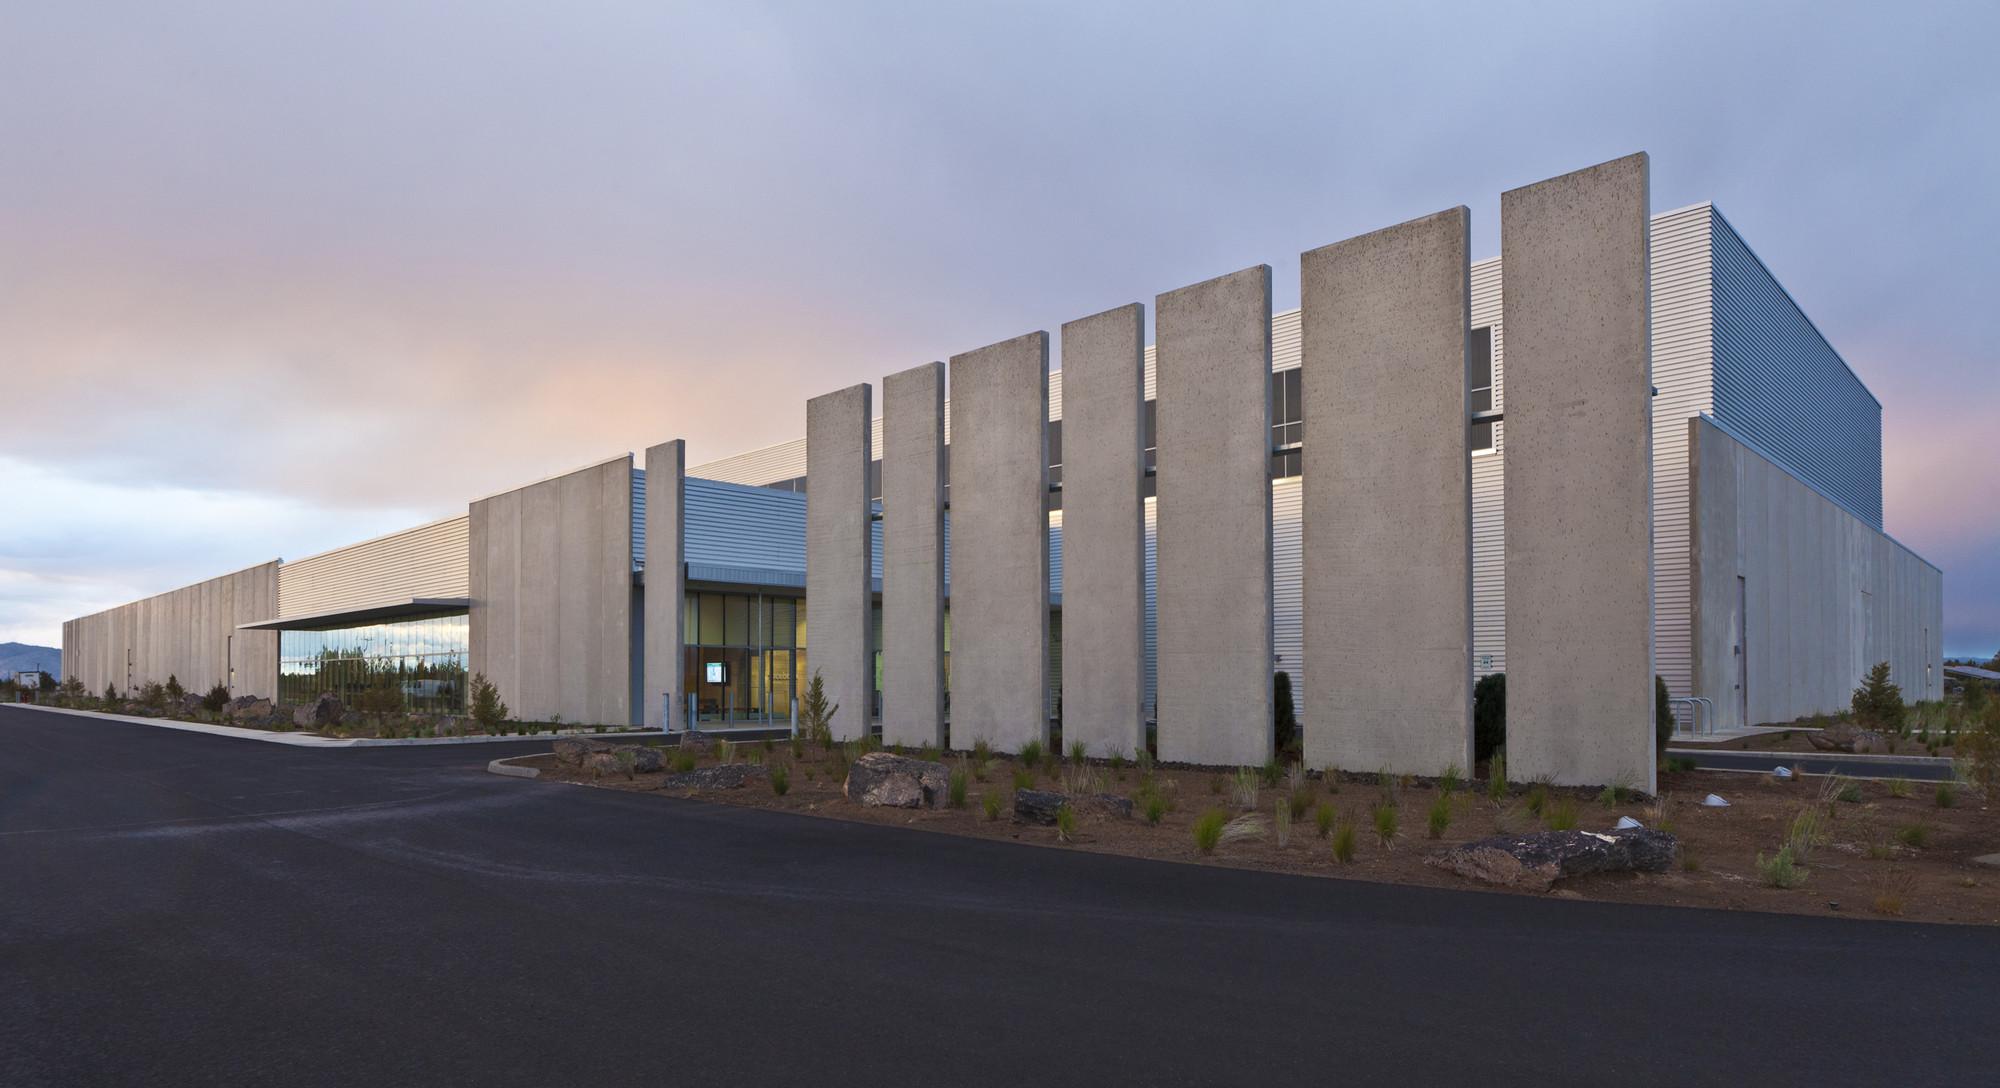 Facebook Prineville, Oregon Hyperscale Datacenter